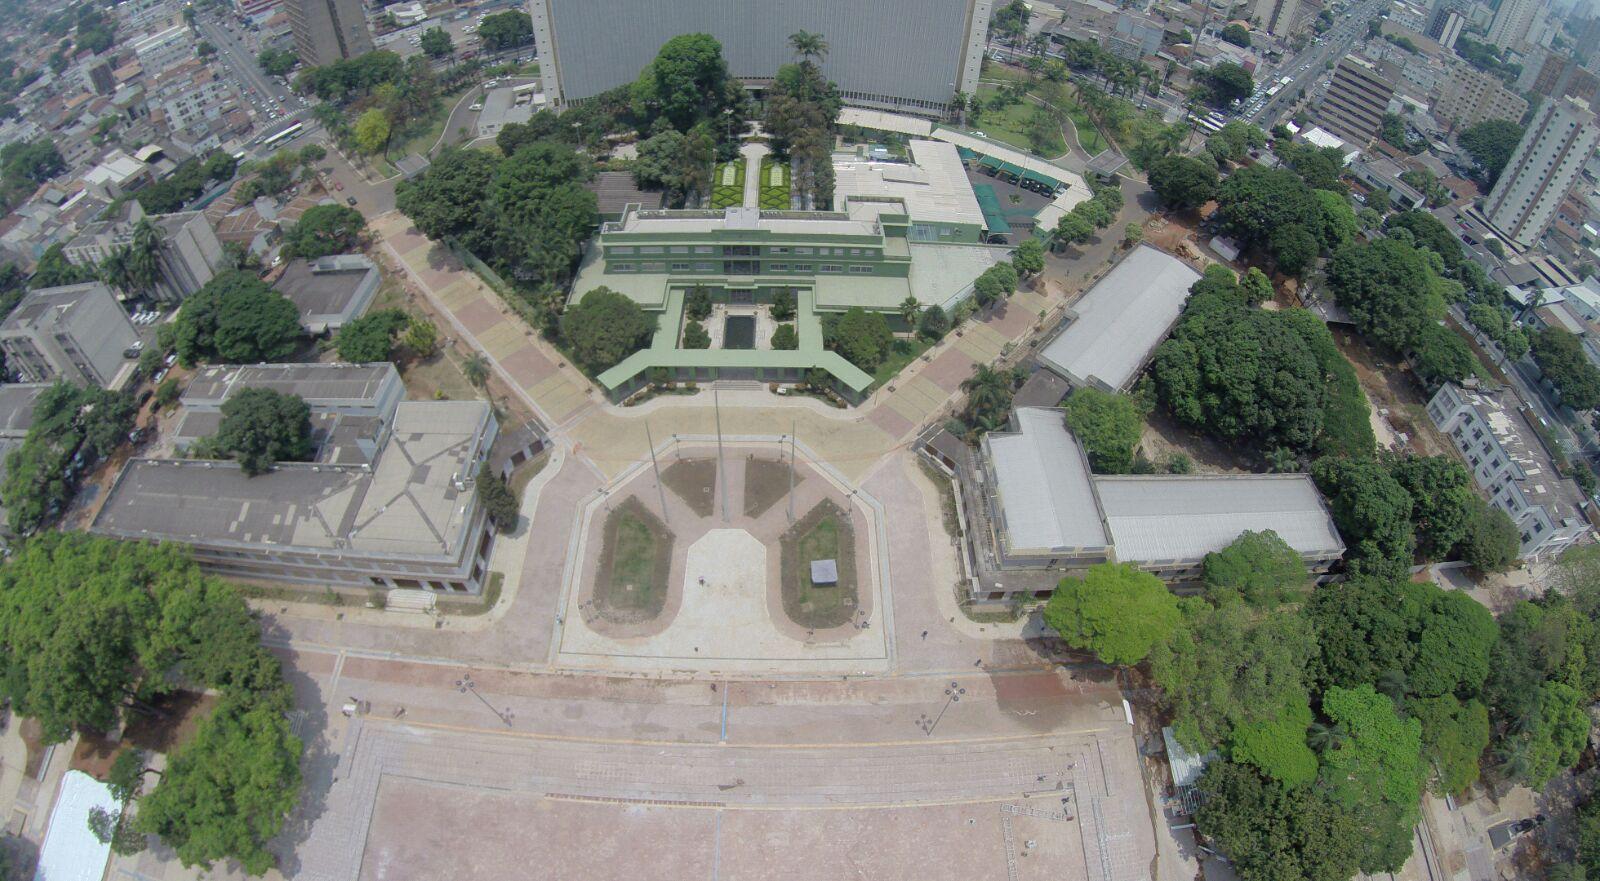 9dfa5cbfd Começar pela Praça Cívica é começar pelo começo das andanças da capital  goiana. Primeira praça de Goiânia, inaugurada em 1933, foi oficialmente  batizada de ...